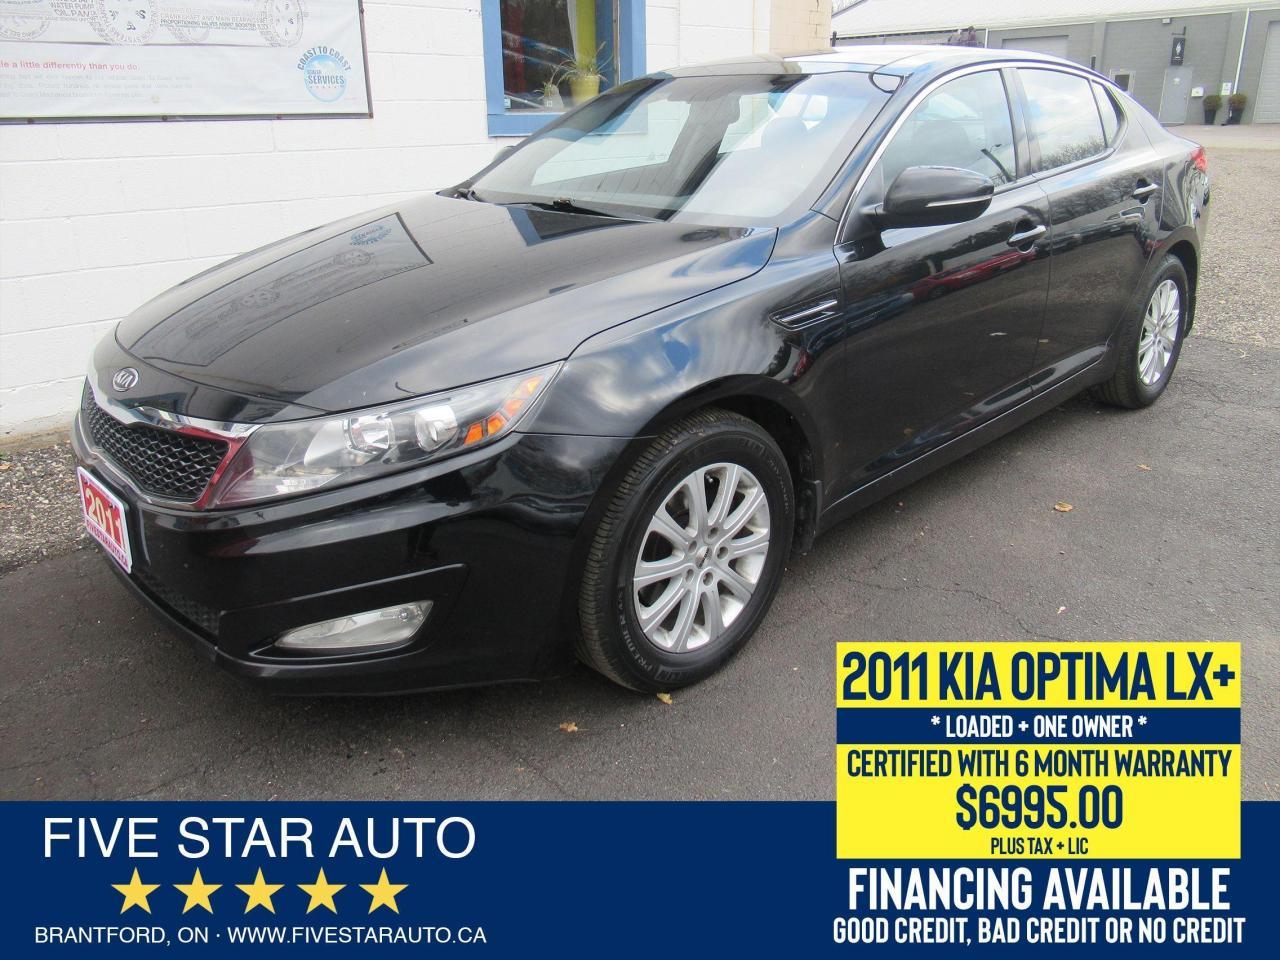 2011 Kia Optima LX+ *One Owner* Certified w/ 6 Month Warranty